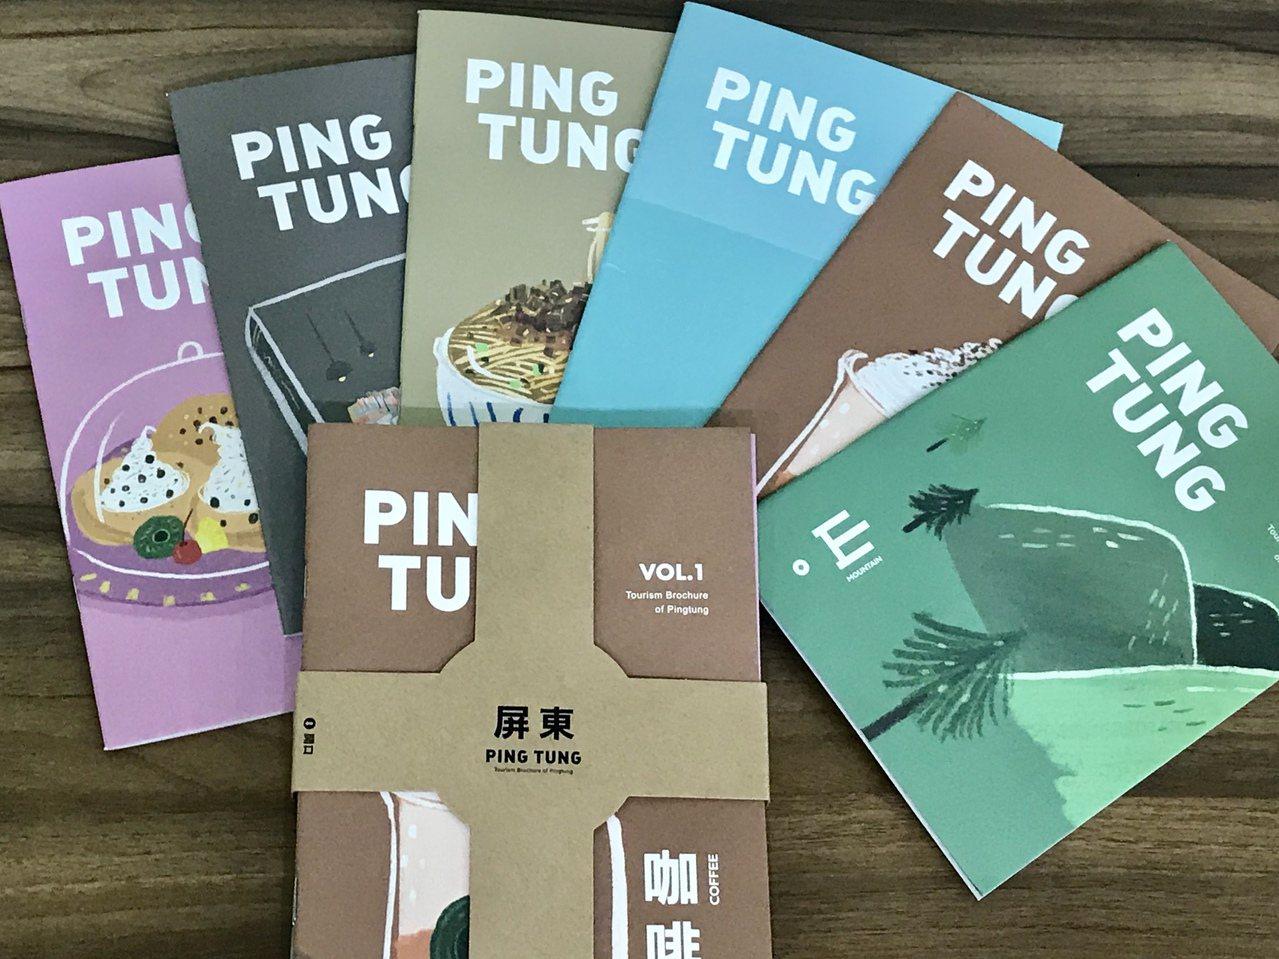 6本觀光手冊依主題以不同顏色區分,封面上在繪製手繪感插圖,精美呈現顛覆民眾對官方...